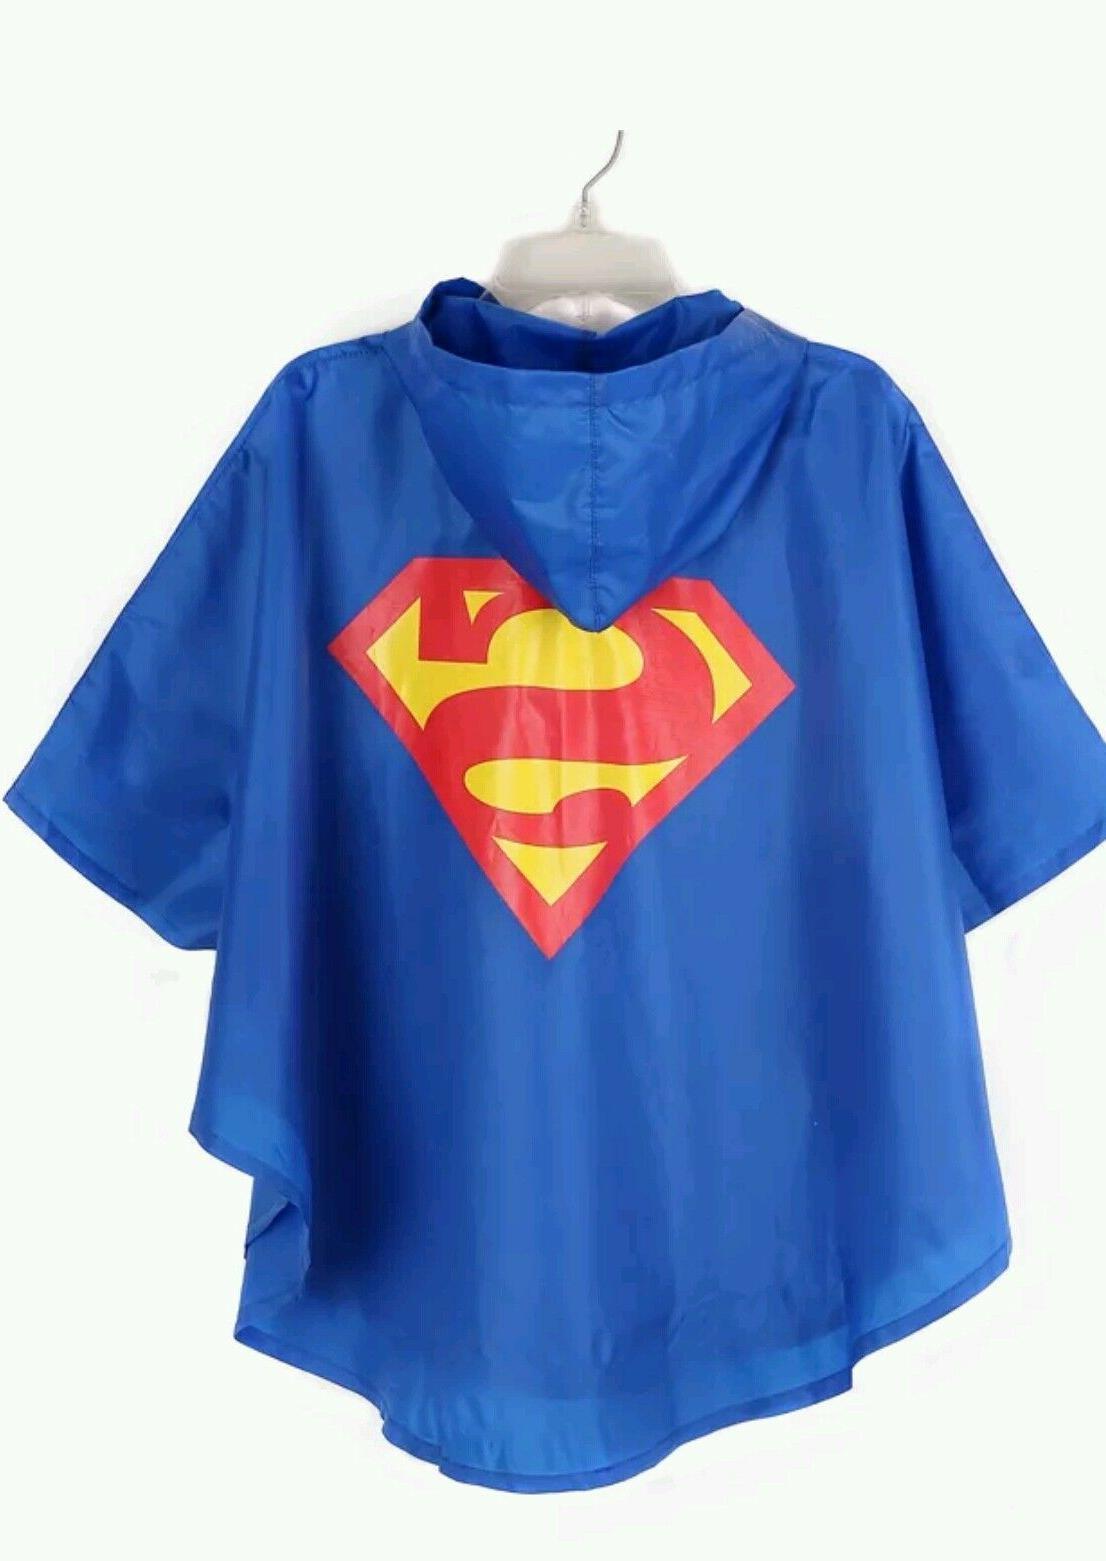 New Rain children Rainwear,Kids Superhero Rainsuit